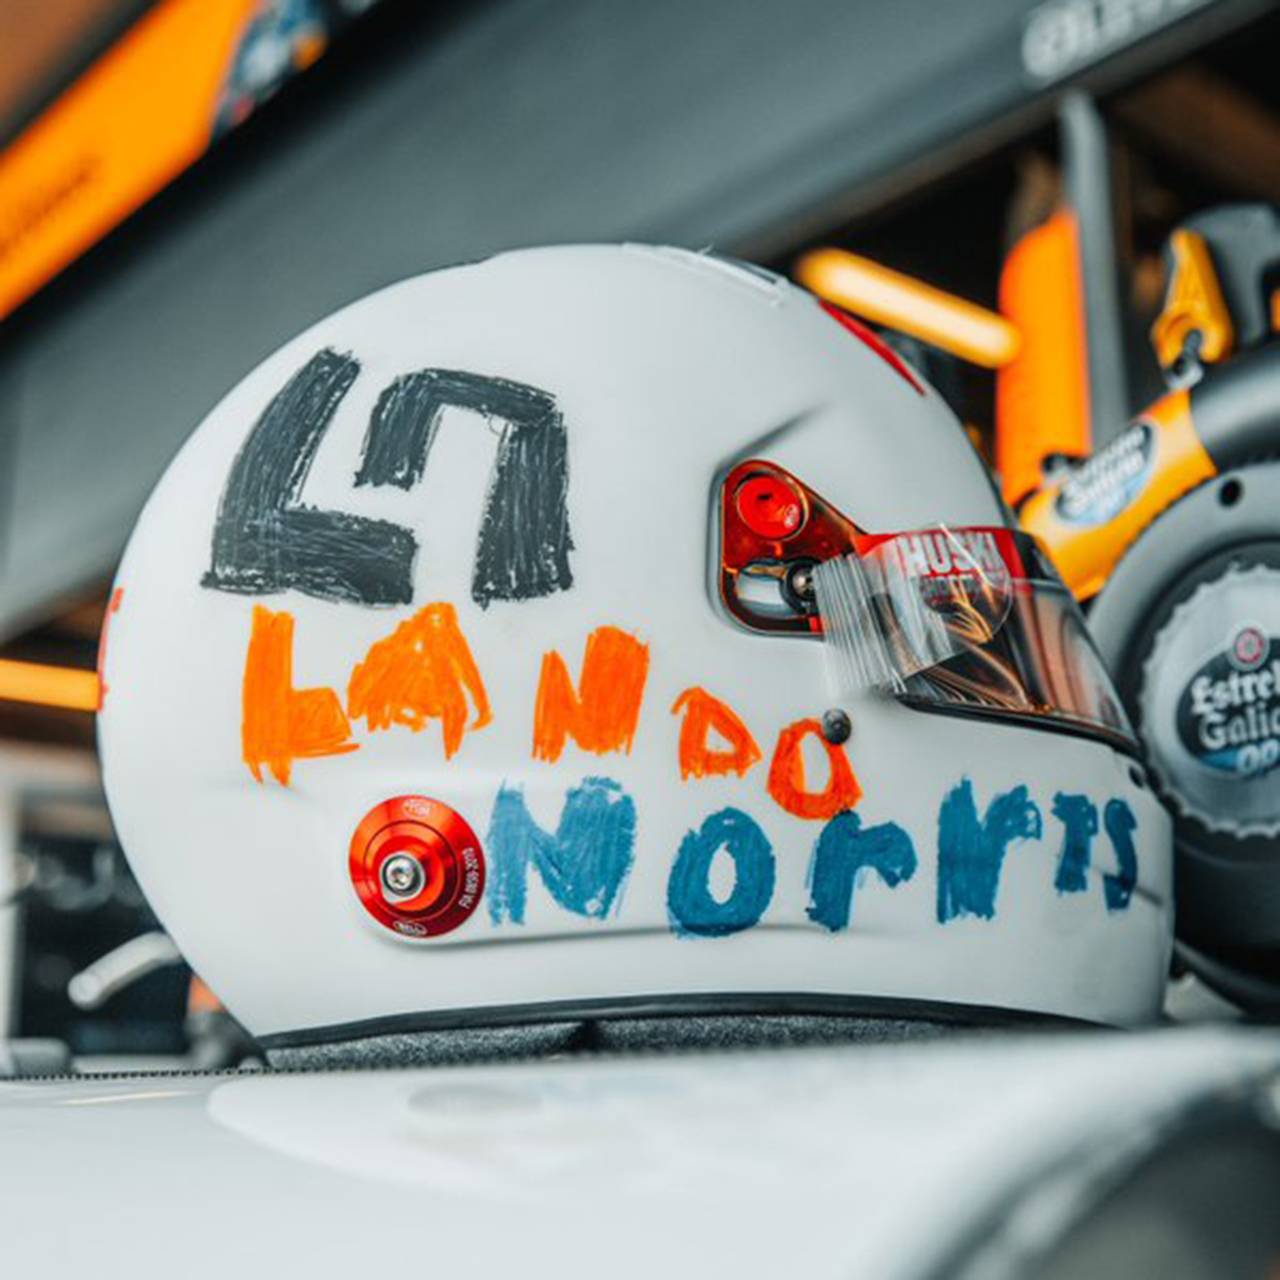 ランド・ノリス 2020年F1イギリスGP 特別ヘルメット